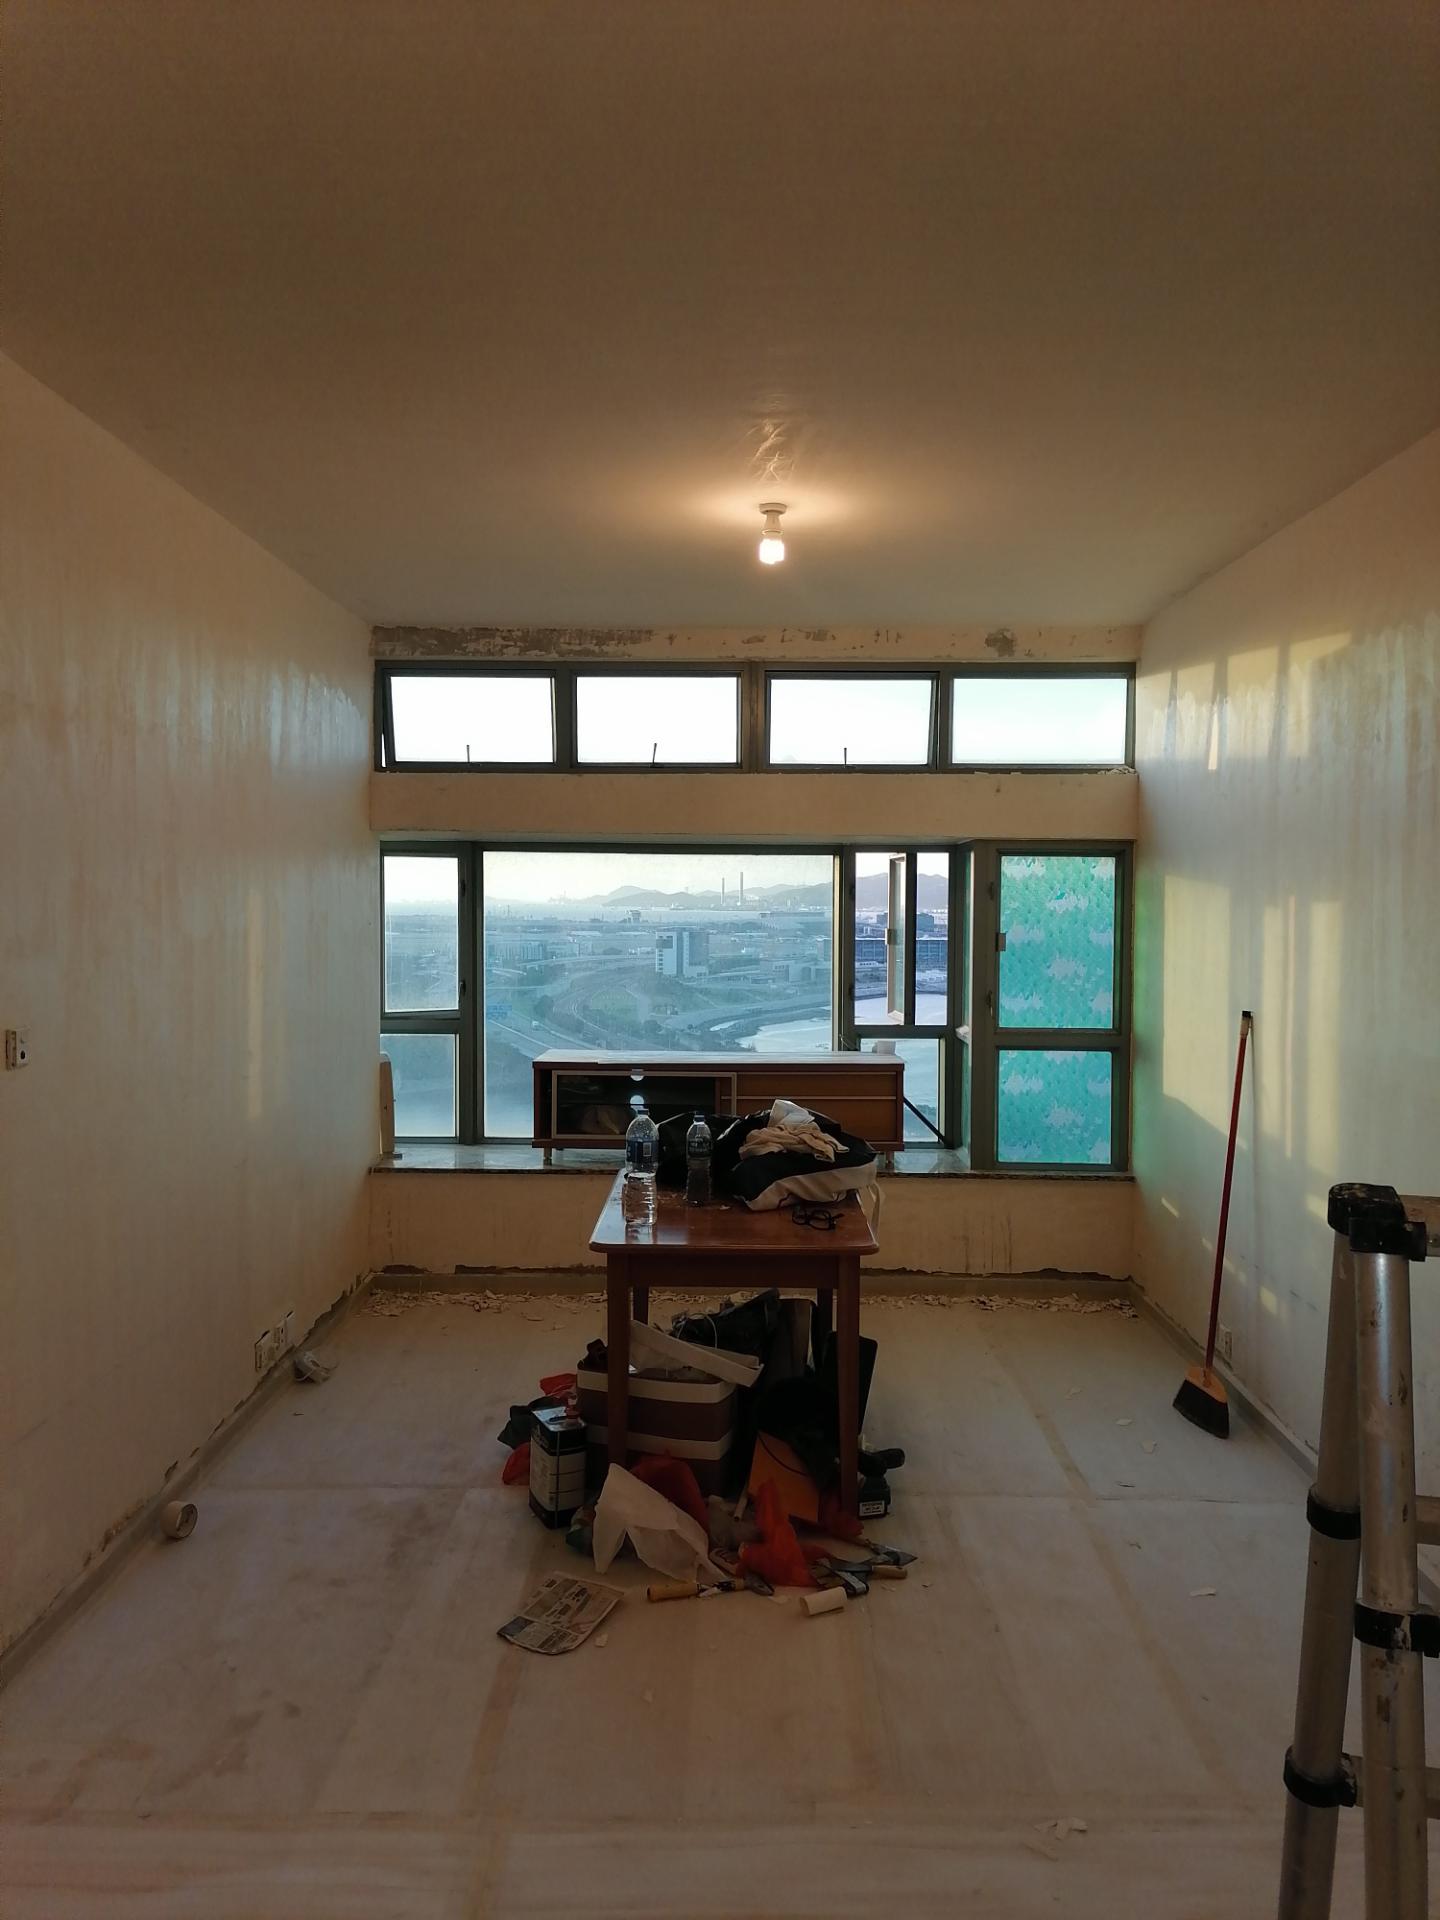 東涌東堤灣畔6座B單位3房1廳 油漆項目: 全屋鏟底,新造批盪,飾面乳膠漆 訂造傢俬項目: 床架,衣櫃